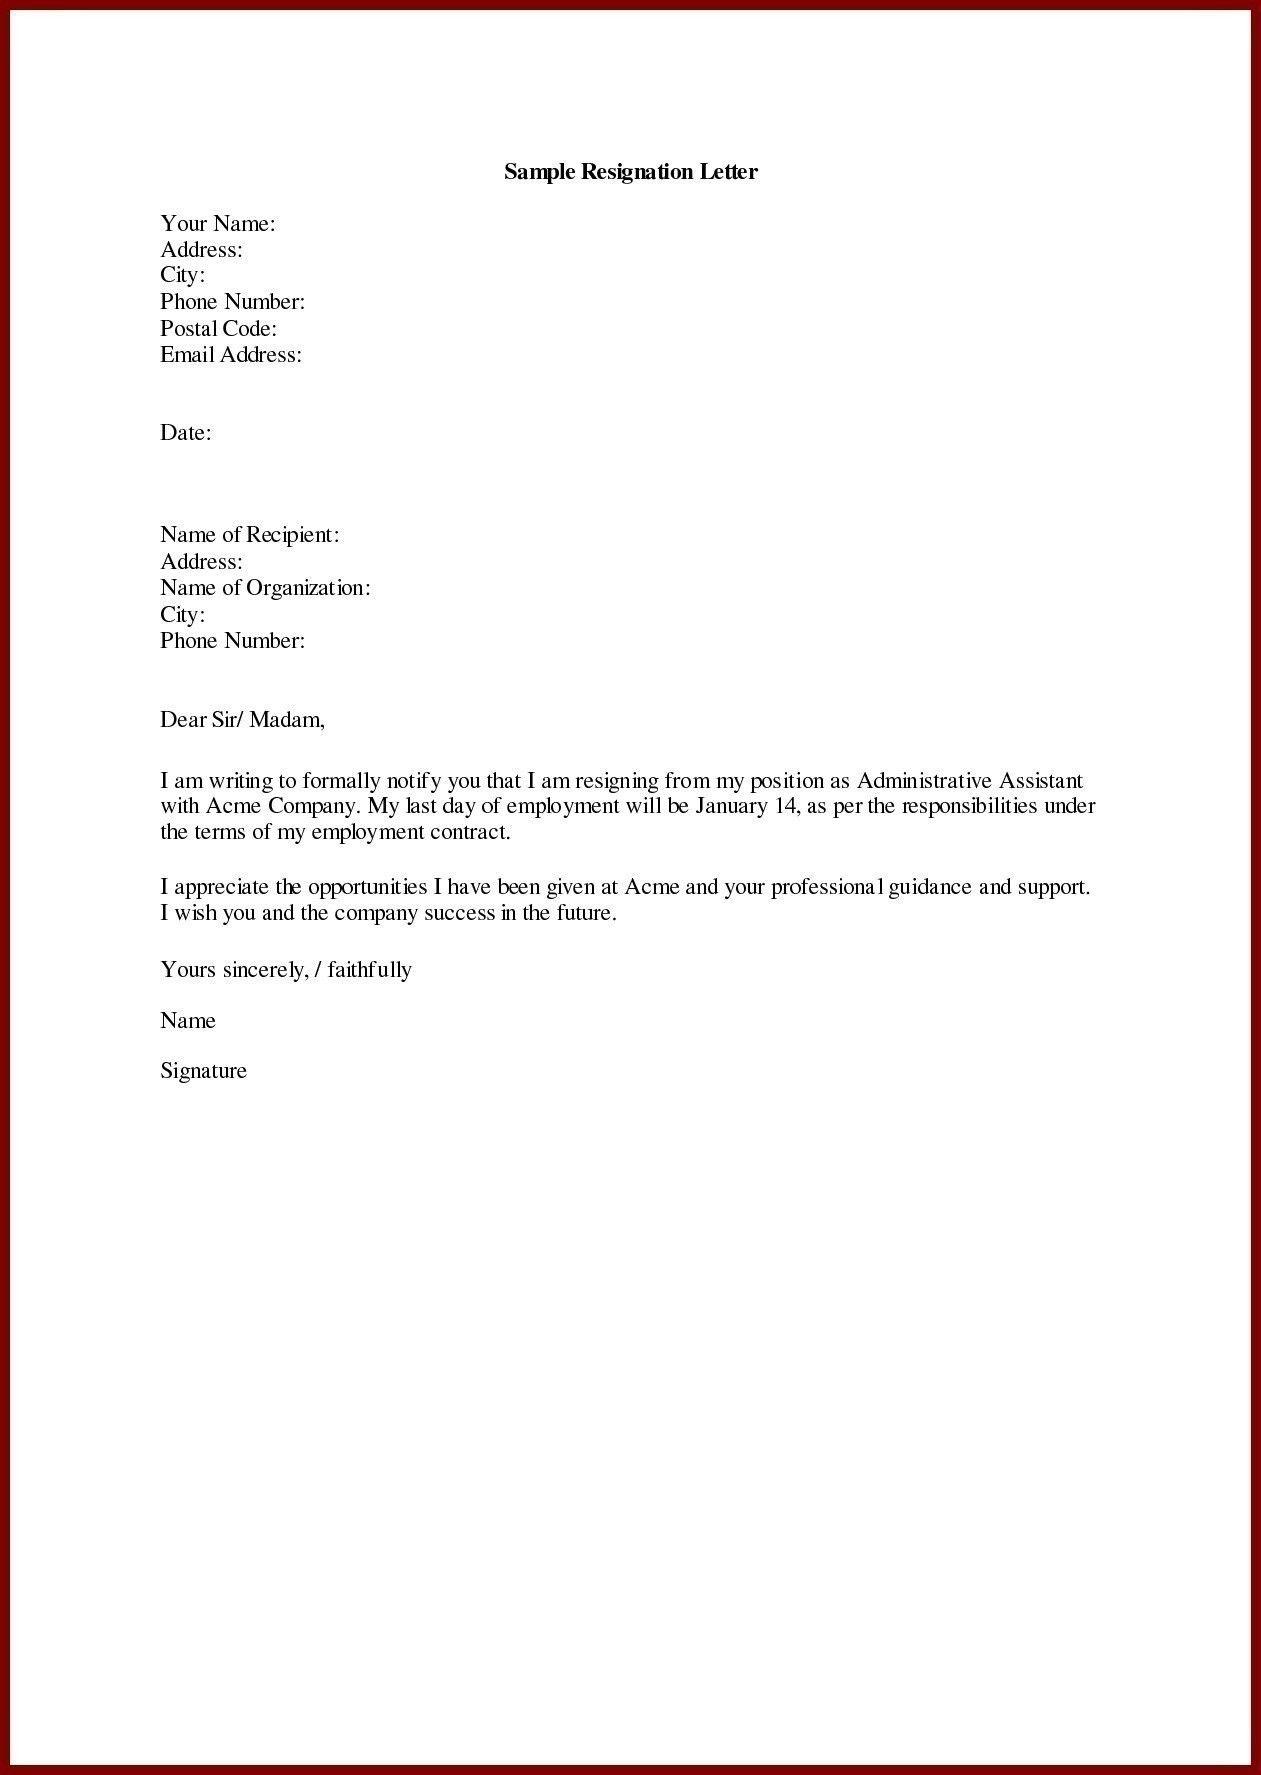 Valid Letter Format For Noc Request Resignation Letter Sample